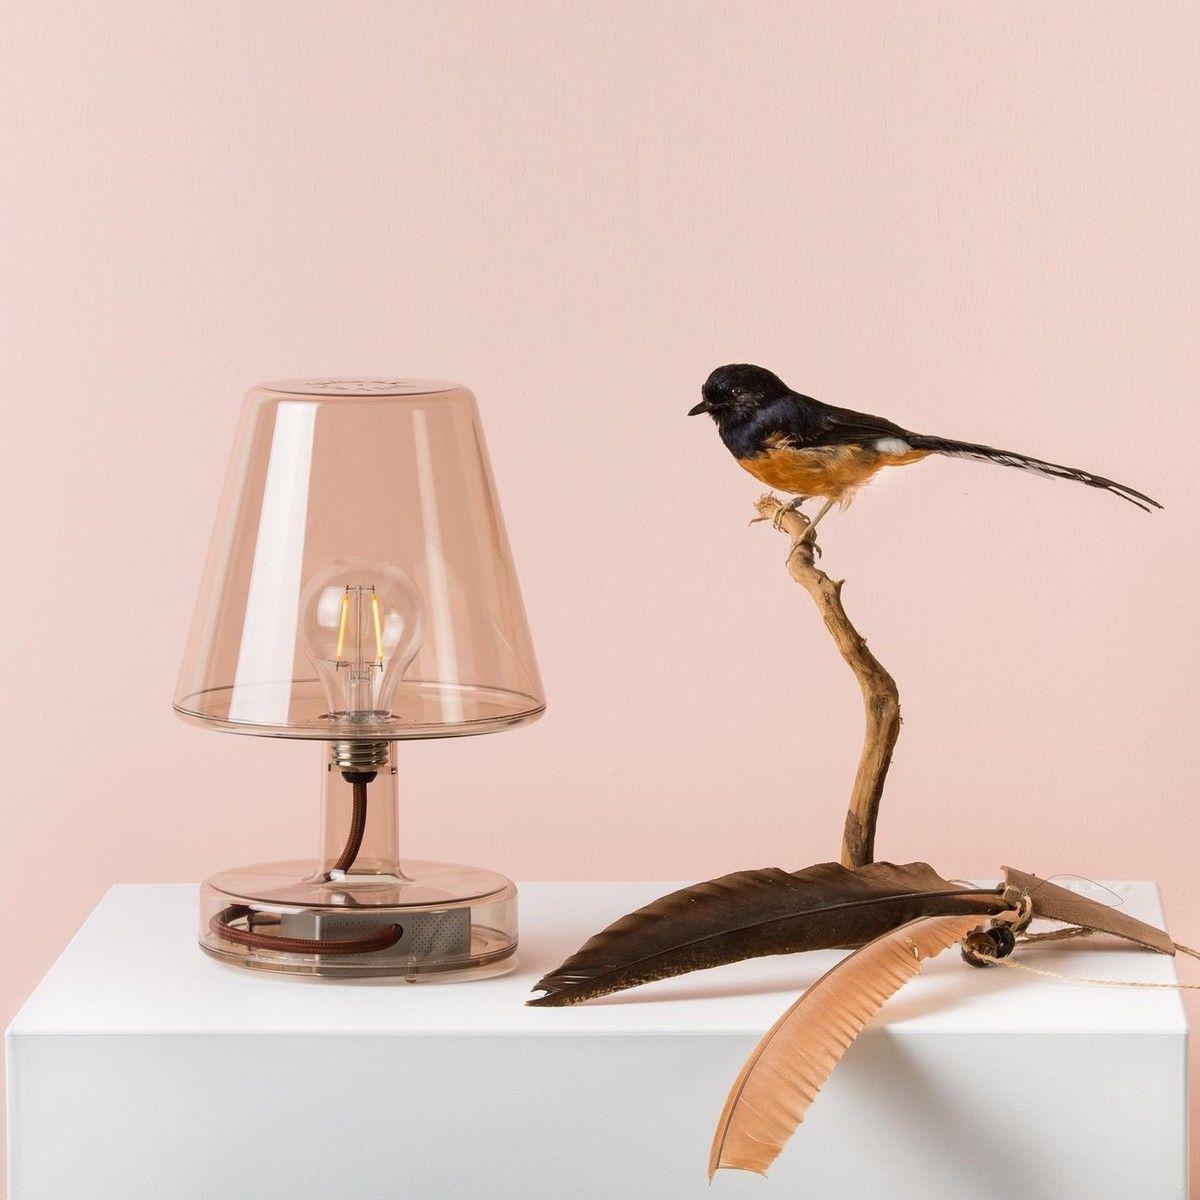 fatboy transloetje lampe de table led fatboy. Black Bedroom Furniture Sets. Home Design Ideas